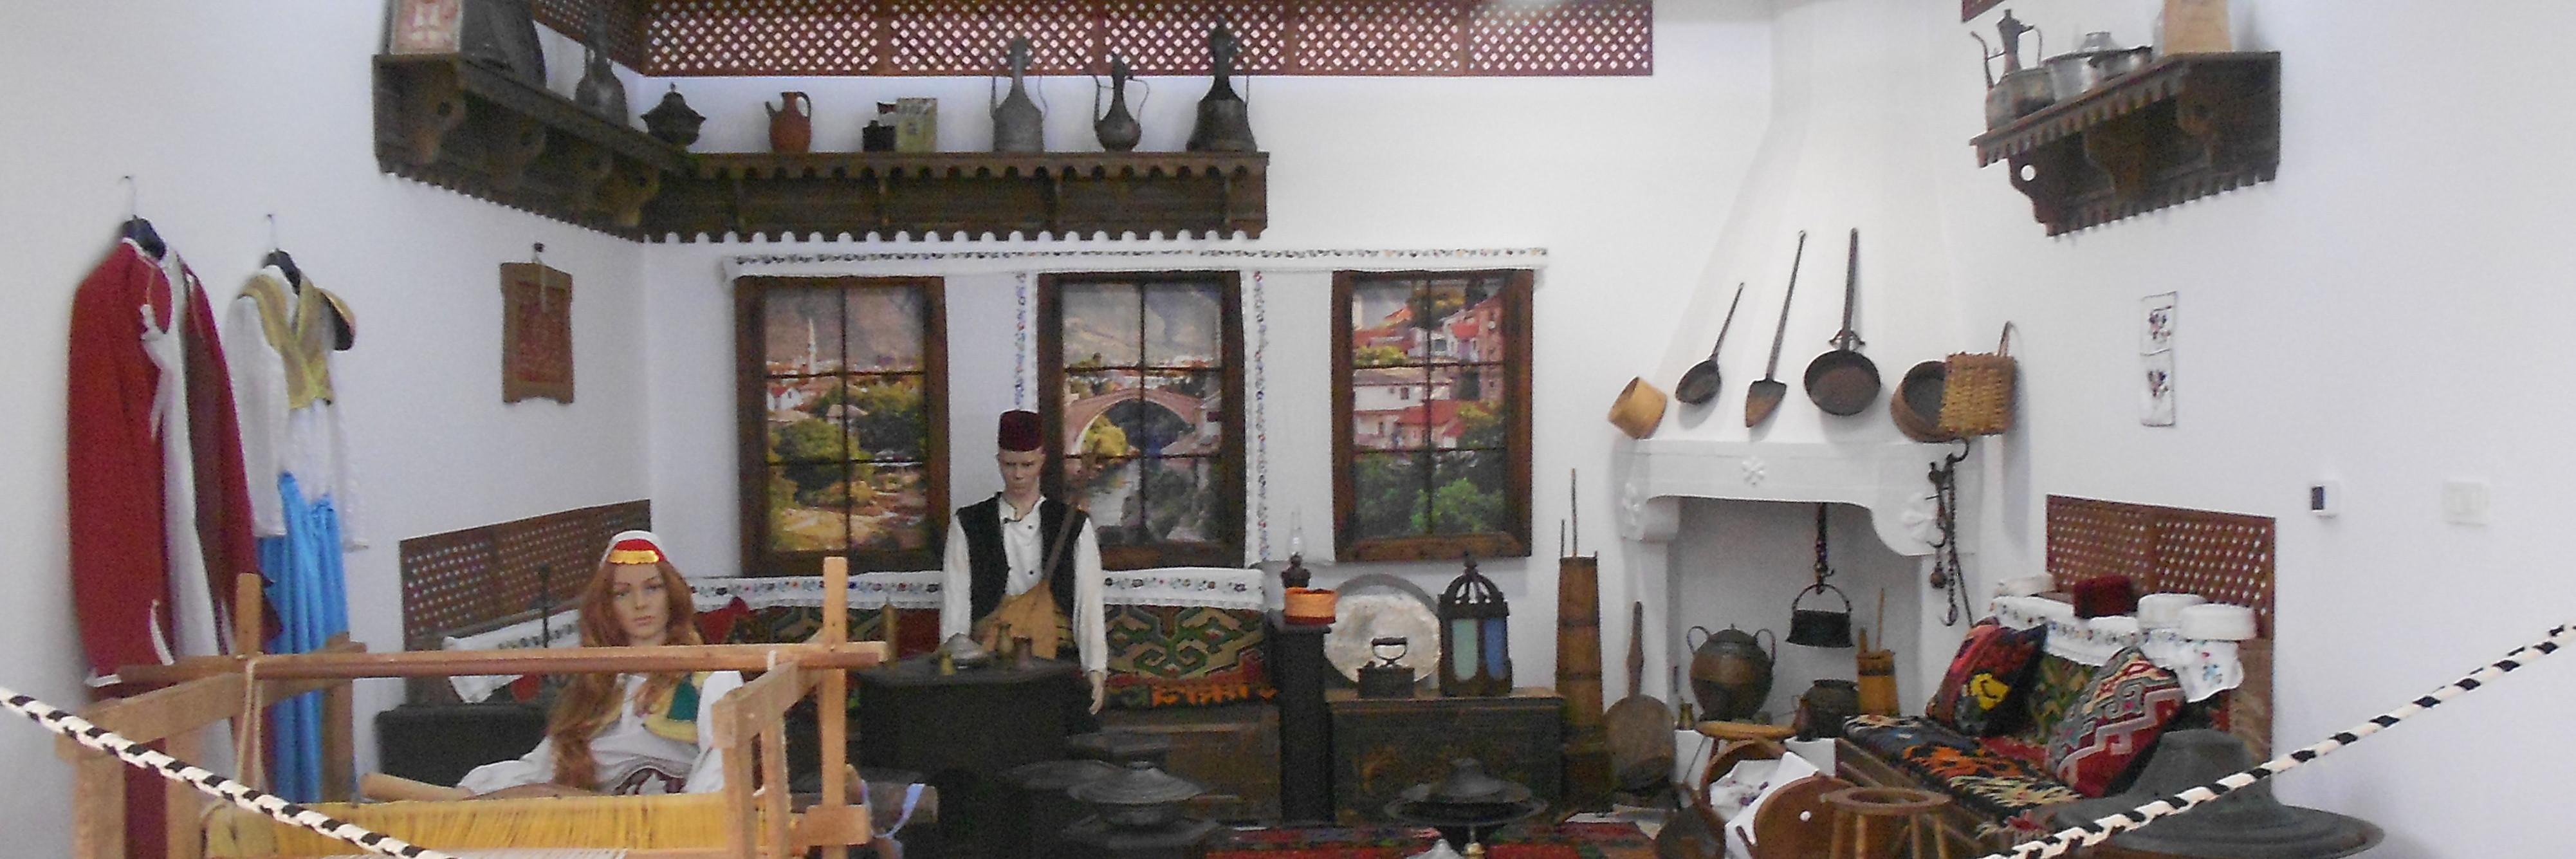 Музей Bosnaseum